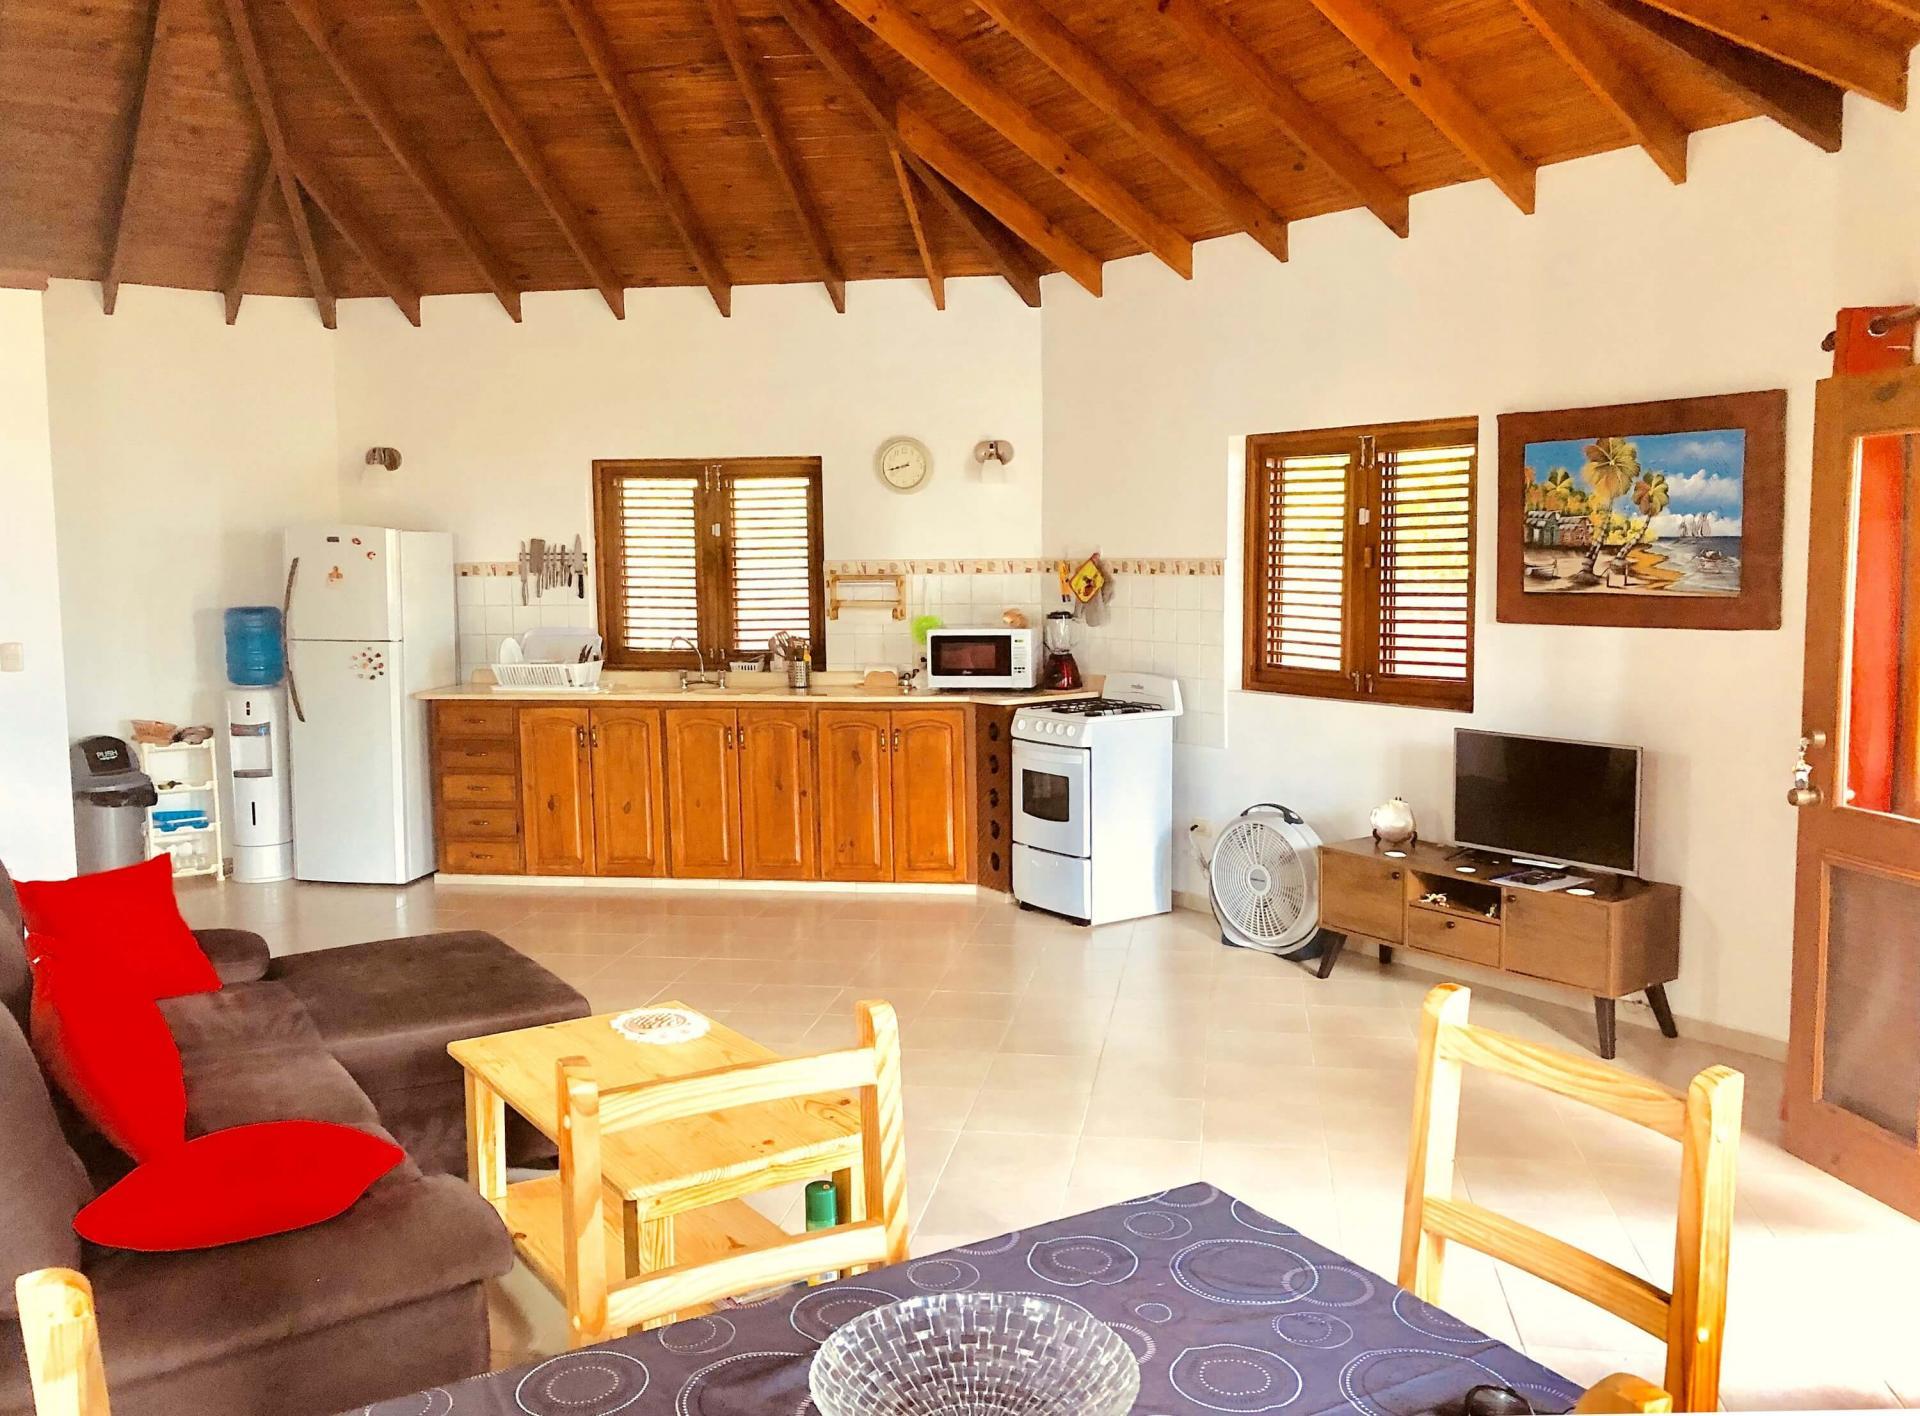 Maison de vacances equipee location republique dominicaine